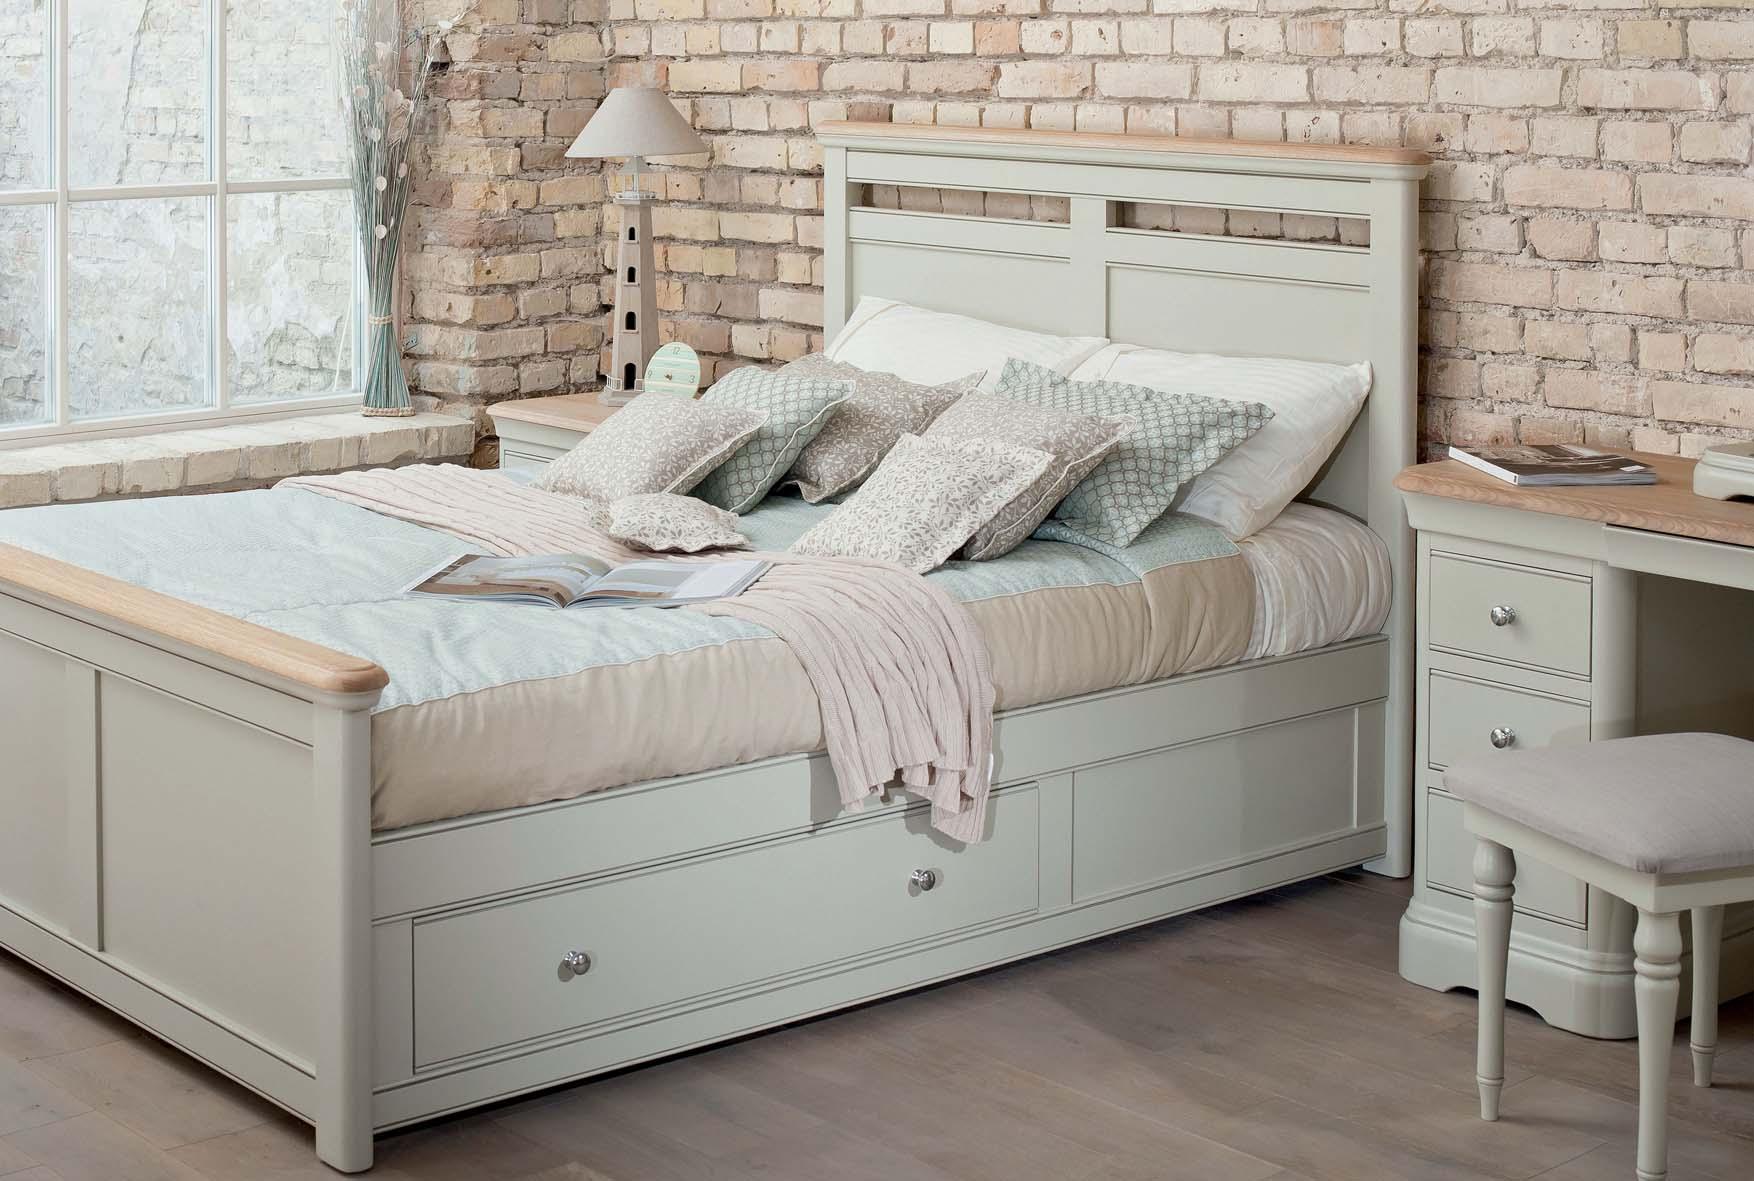 Ящики внутри односпальной кровати